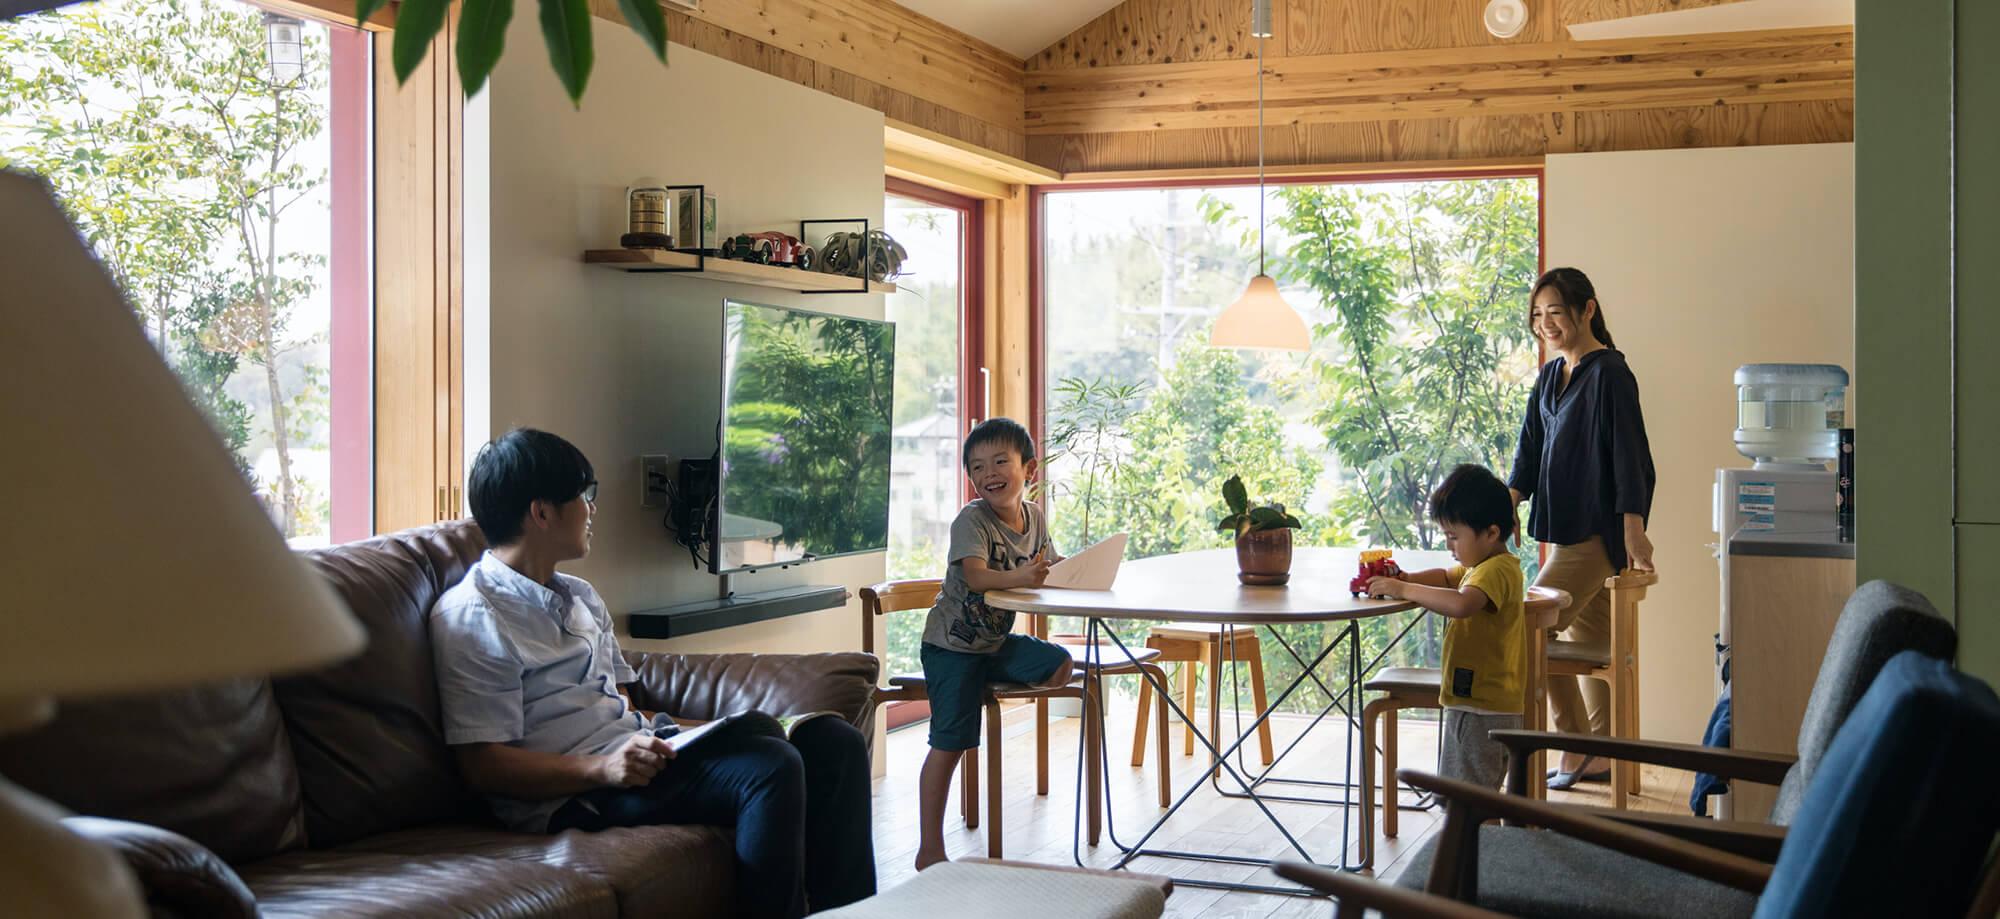 浜松市の工務店なら【入政建築】|注文住宅を自然素材で建てる